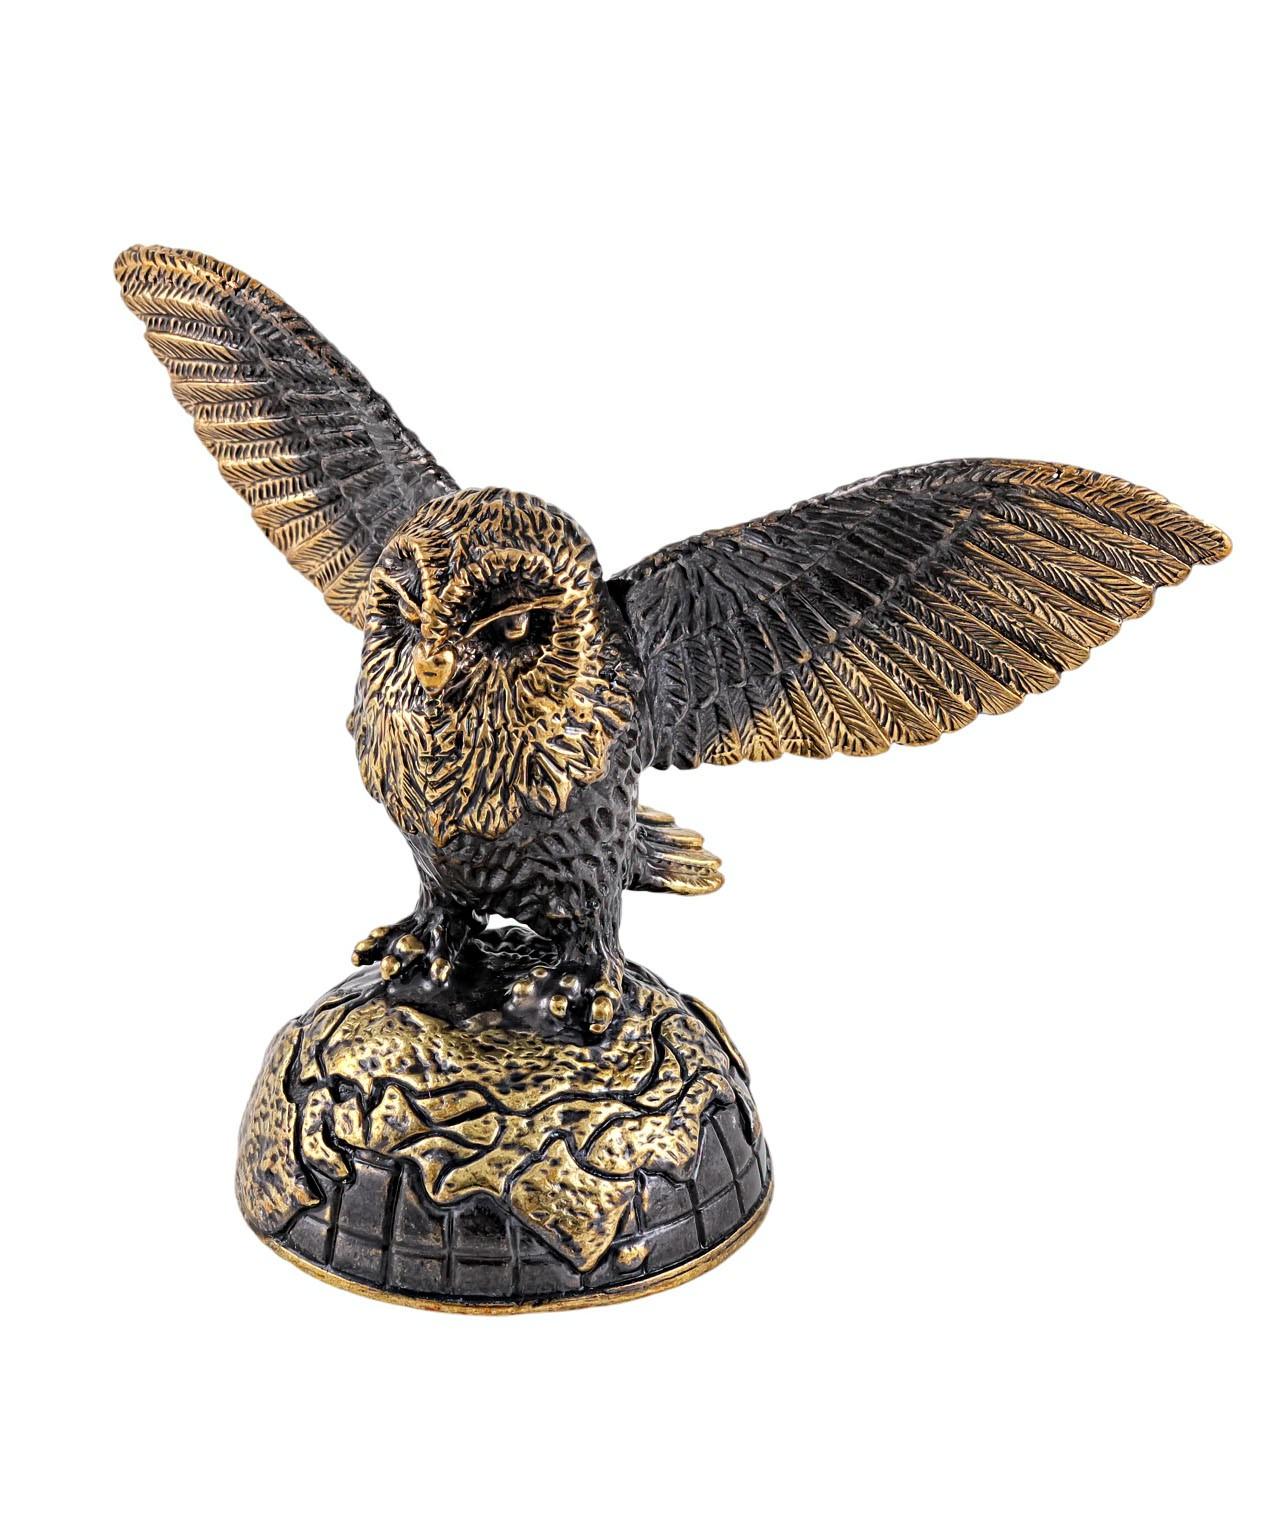 Птица Сова Хэдвиг на земном шаре без подставки 1822.1